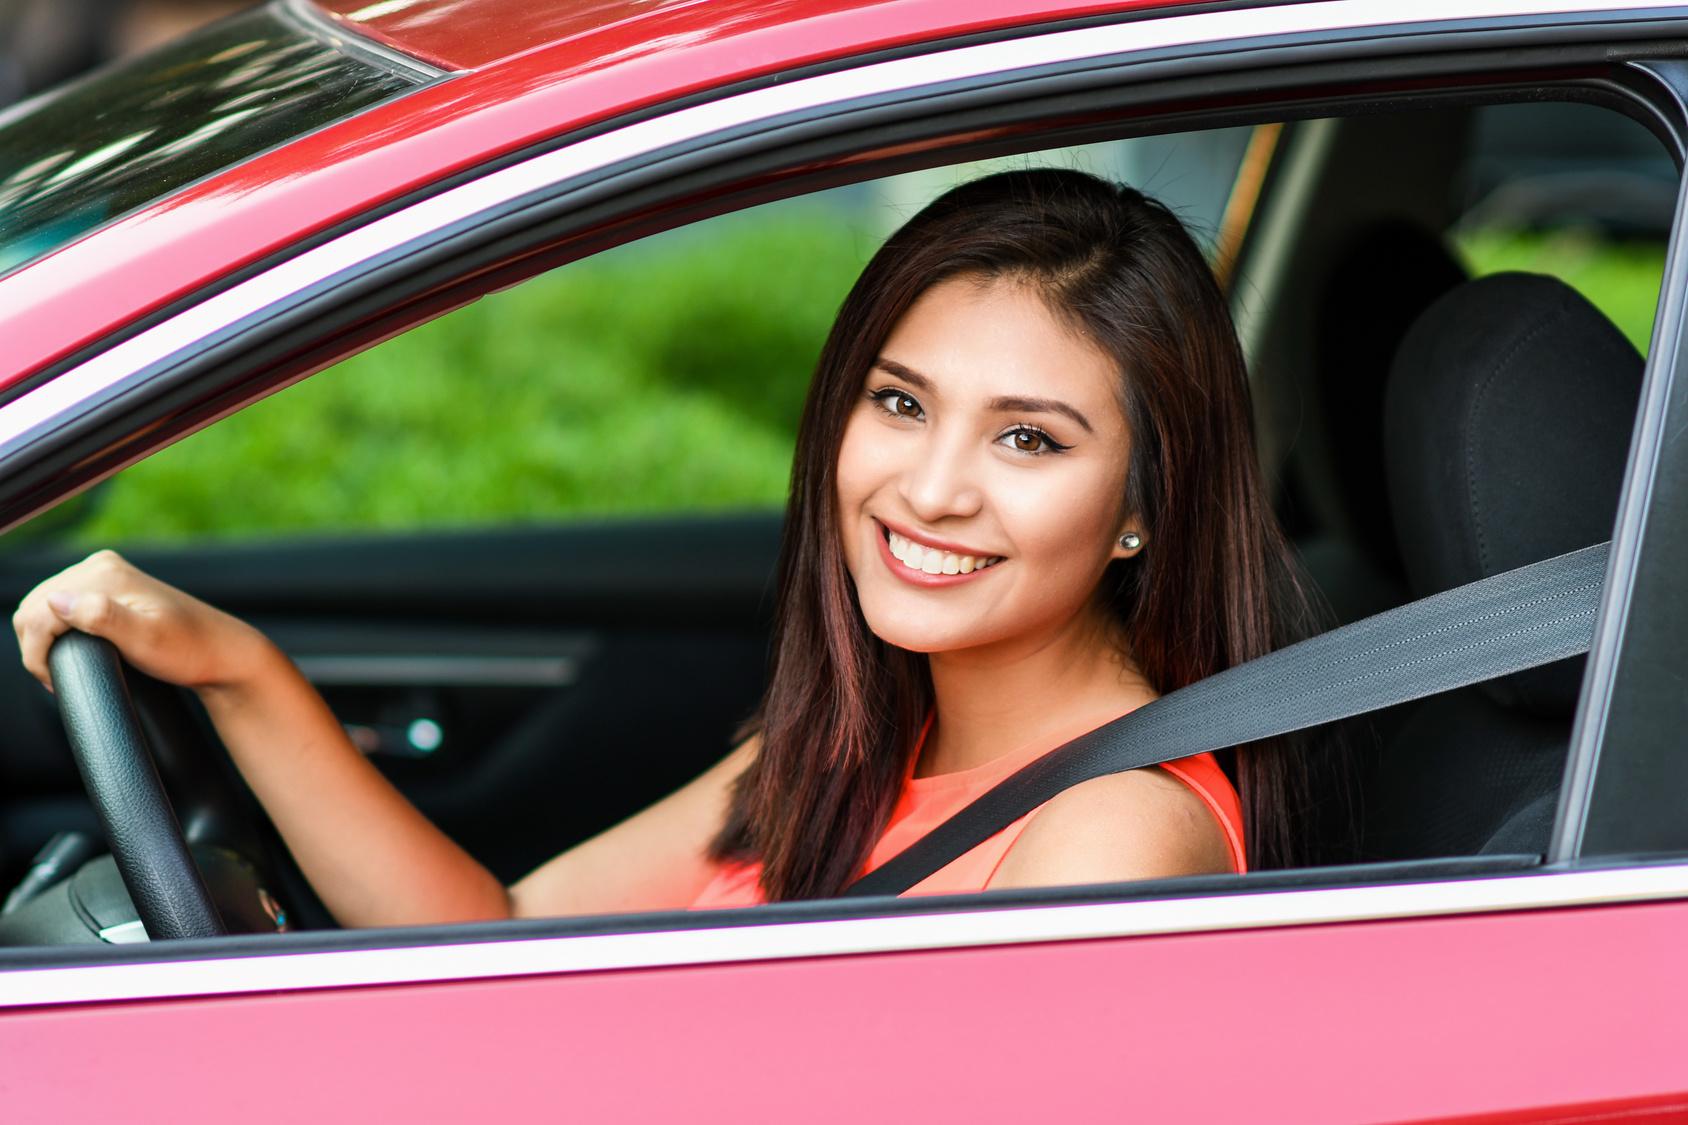 Autokoulun harjoitteluvaihe, syventävä vaihe tai pimeän ajon kurssi alk. 70€